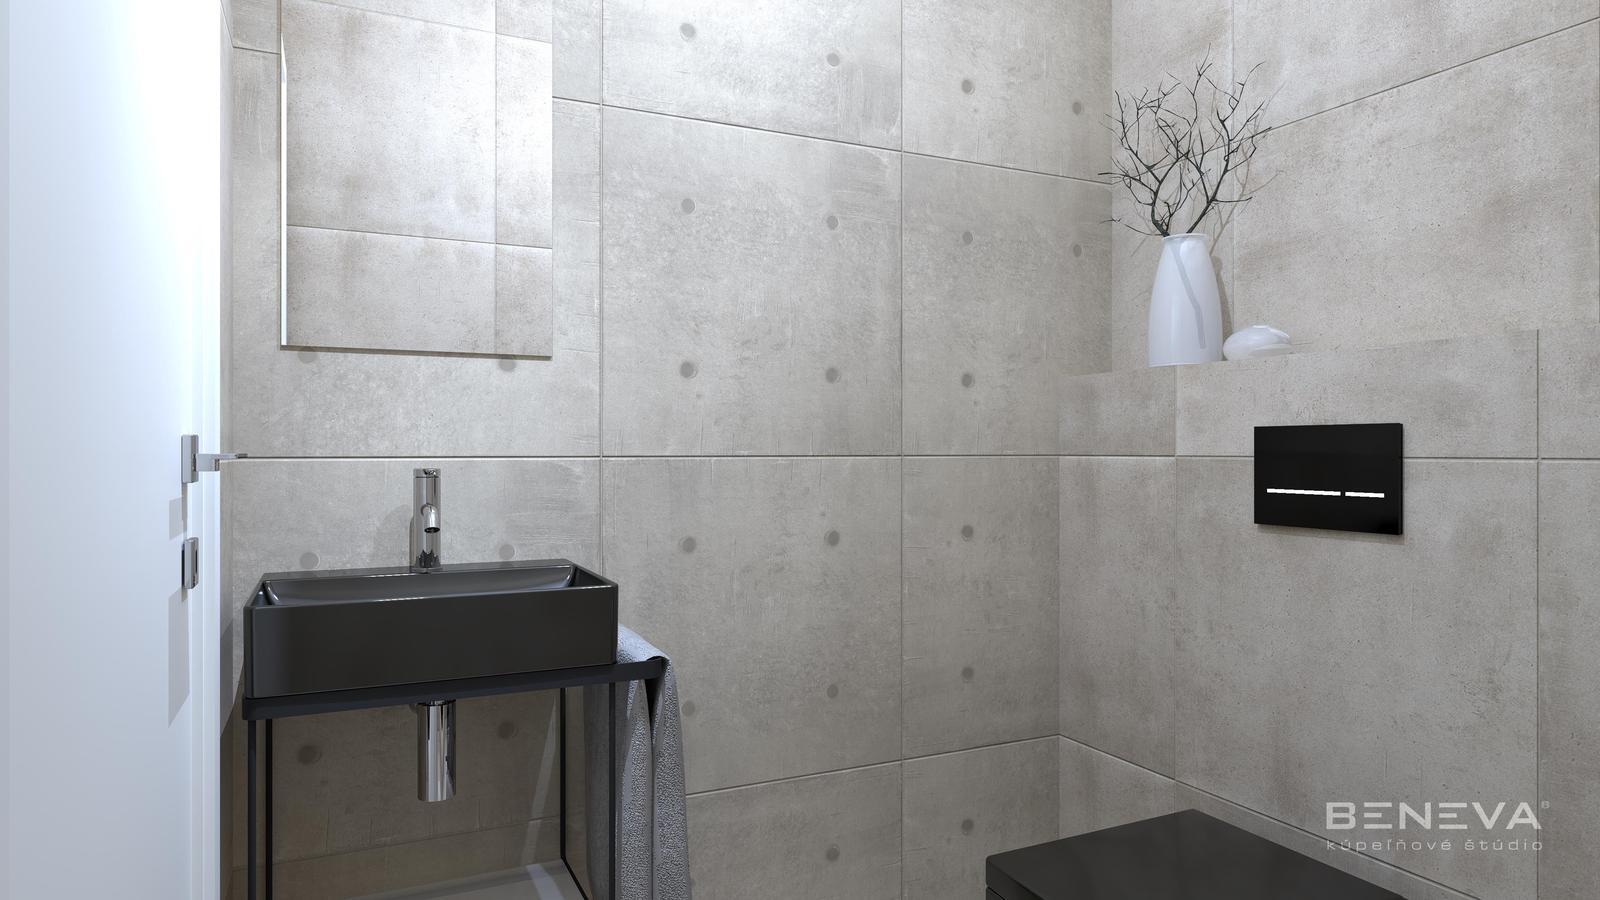 Betónový dizajn obkladov / Vizualizácie kúpeľní - Obrázok č. 9